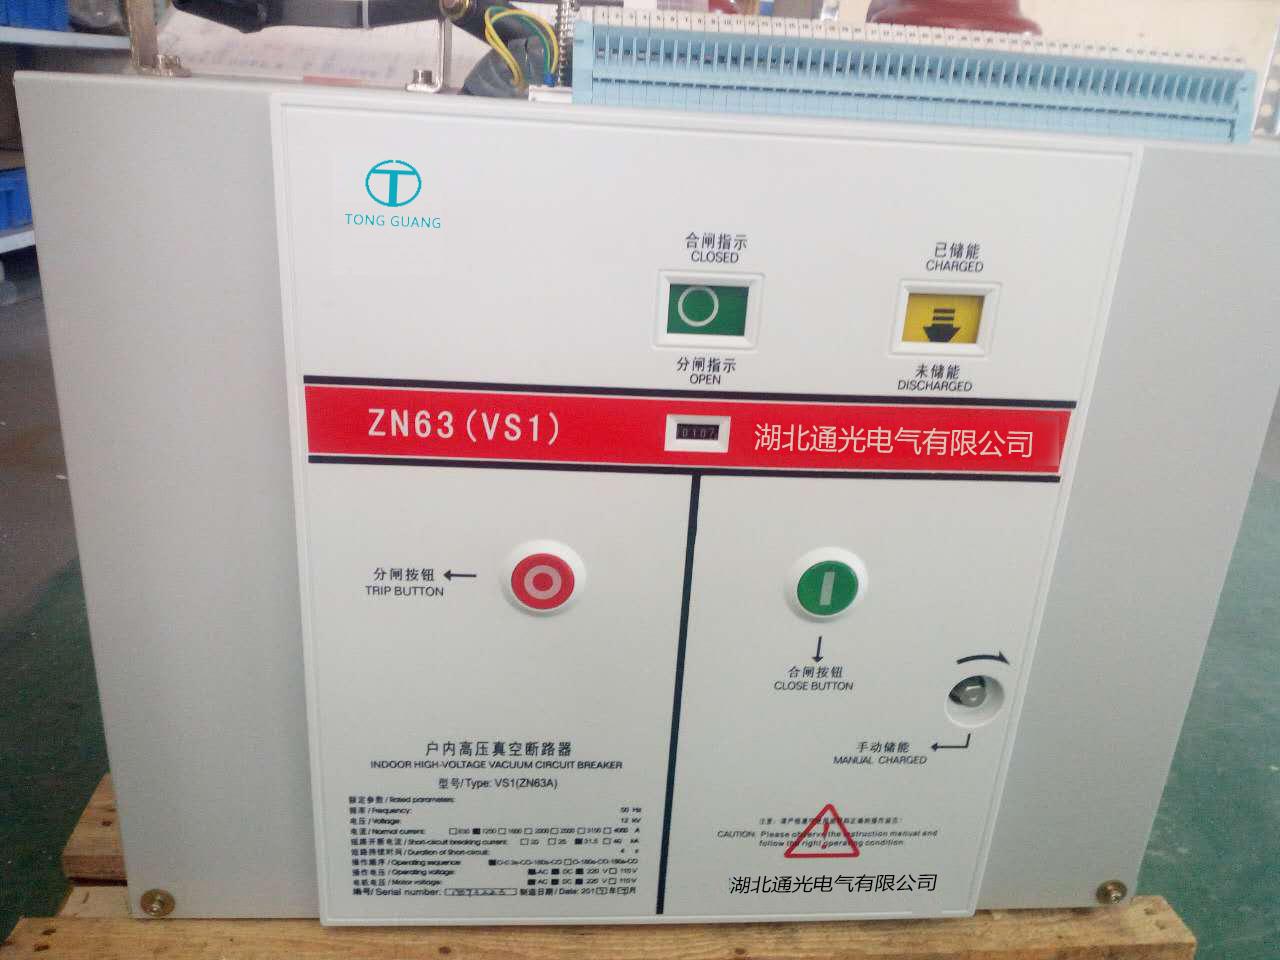 戶內高壓真空斷路器VS1-12/1250-25(固定式)